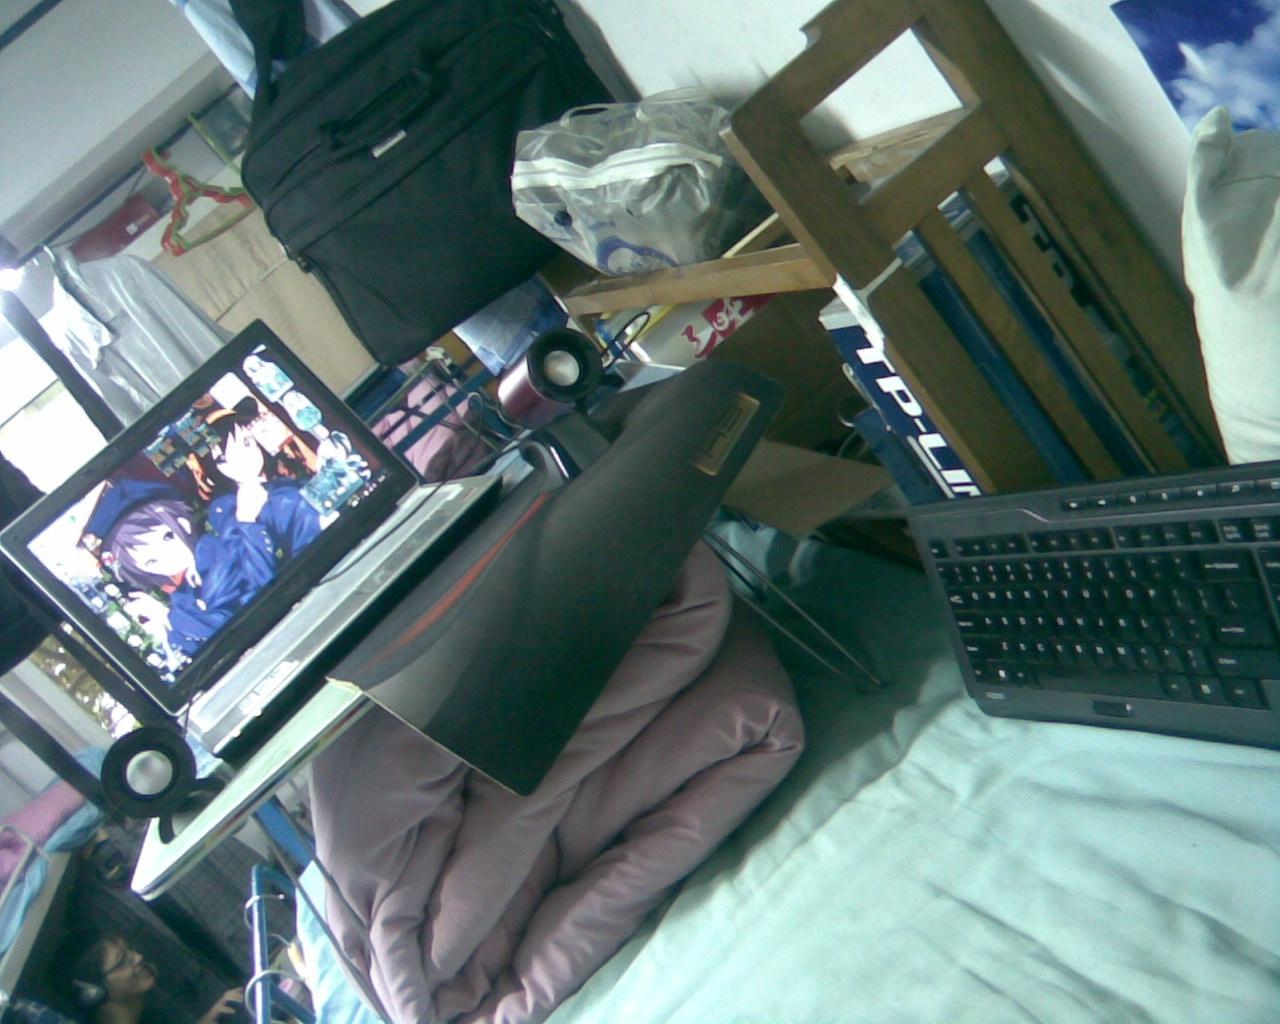 床上的电脑和电脑桌